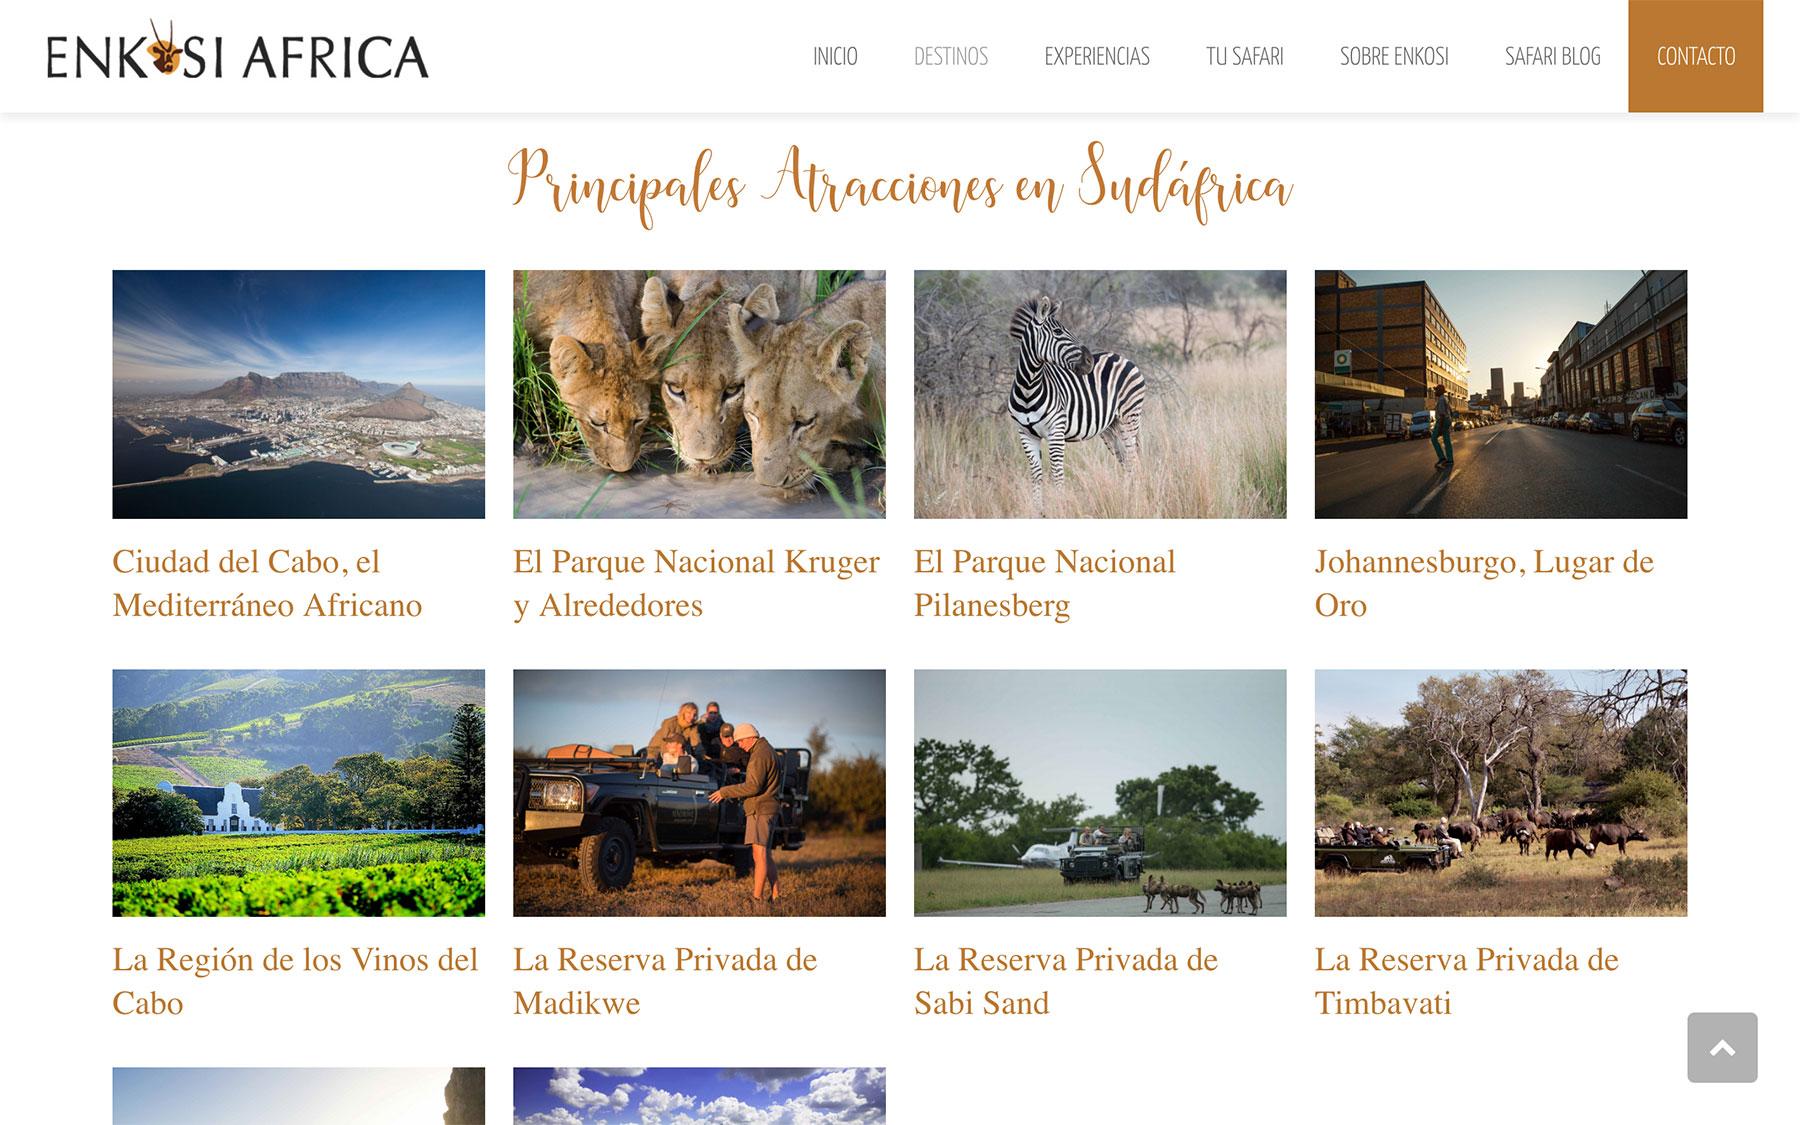 enkosi-africa-new-website-atracciones-sudafrica-1800